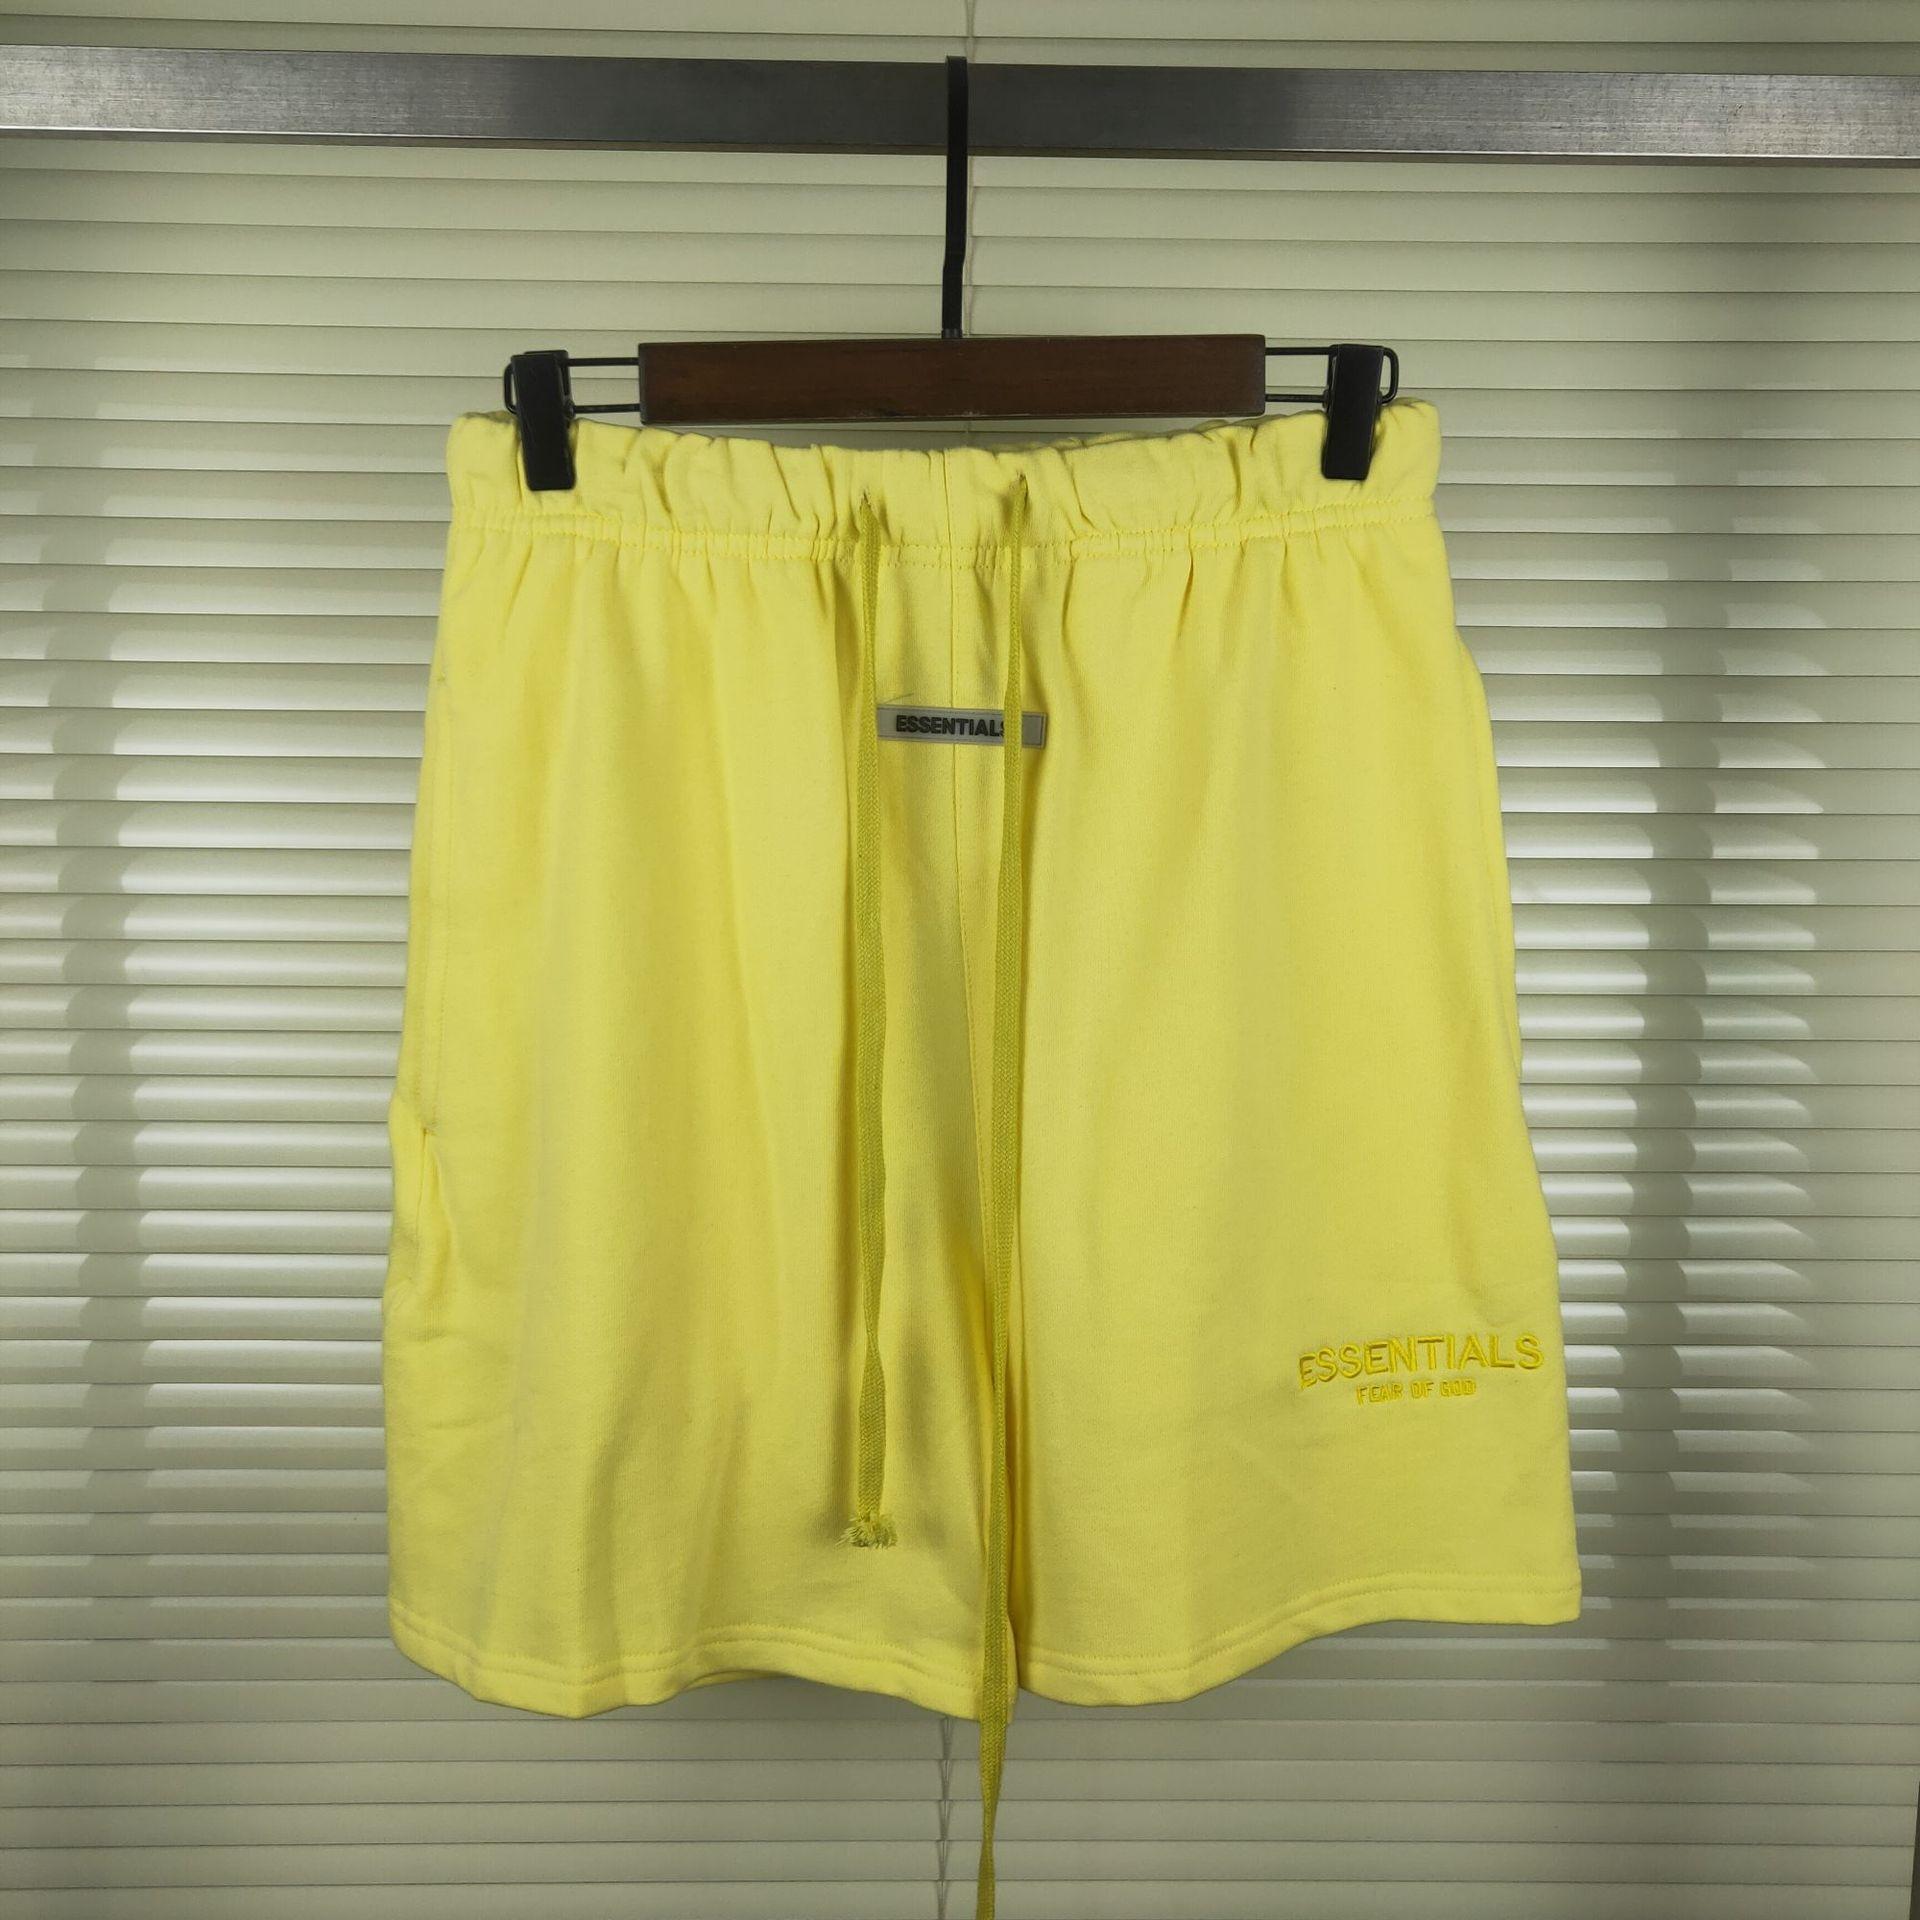 MEDO DE Shorts e shortsGOD ESSENTIALS dupla linha de tendência ocasional solta cordão FOG de rua calções de cinco pontos para os homens